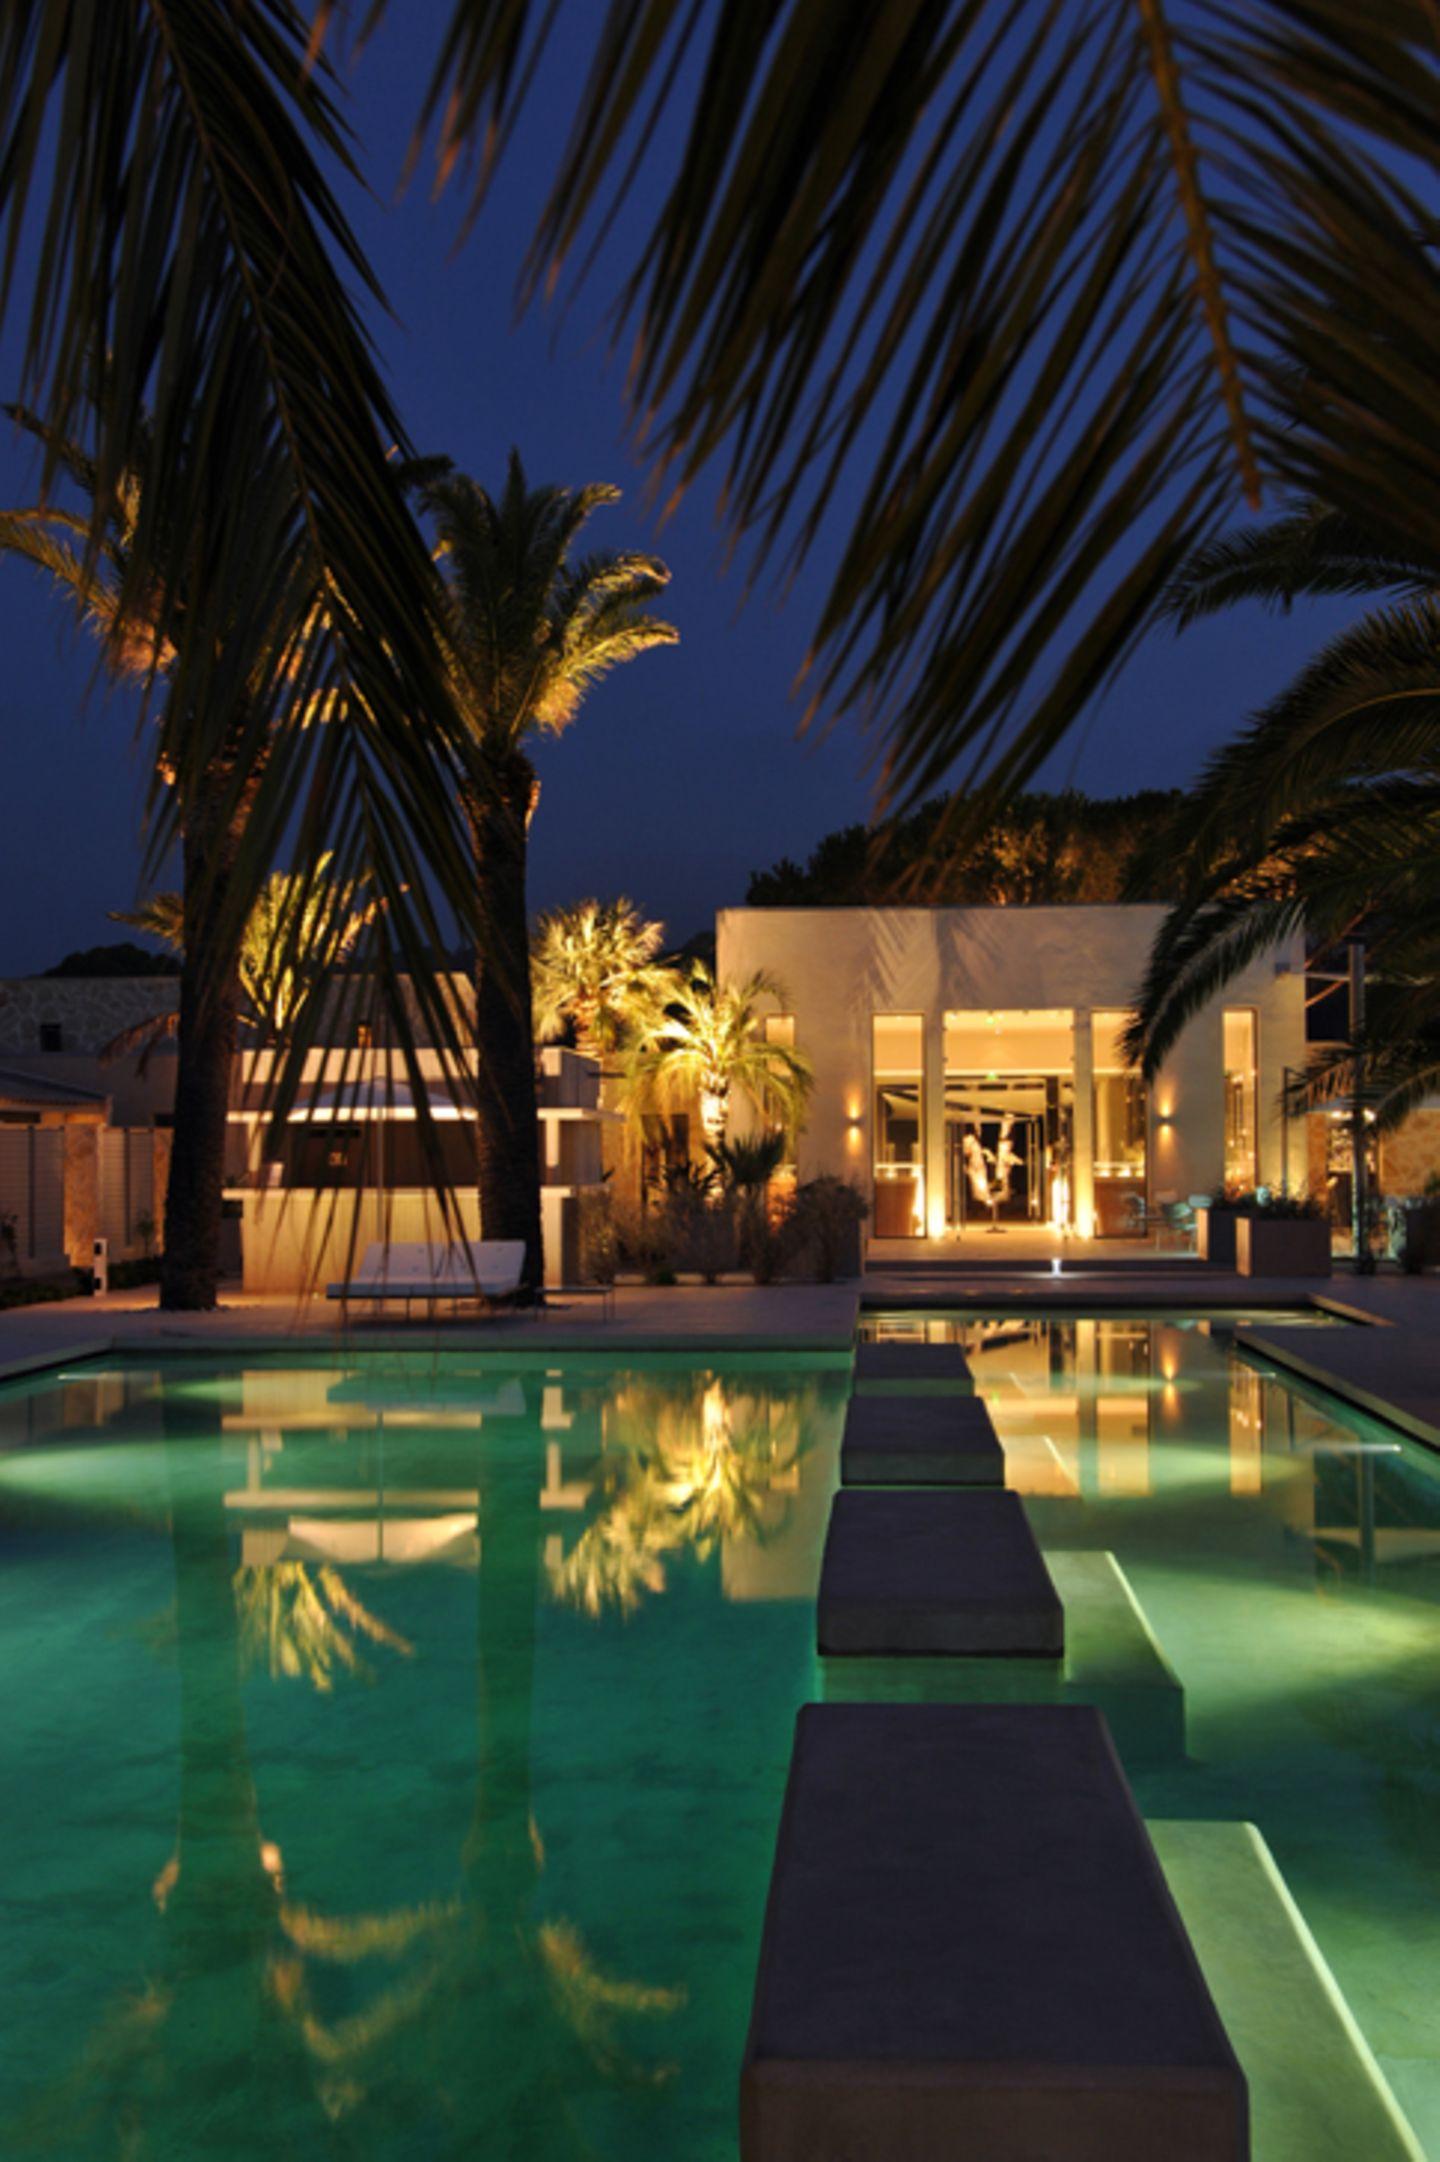 Hotel Sezz in Saint Tropéz